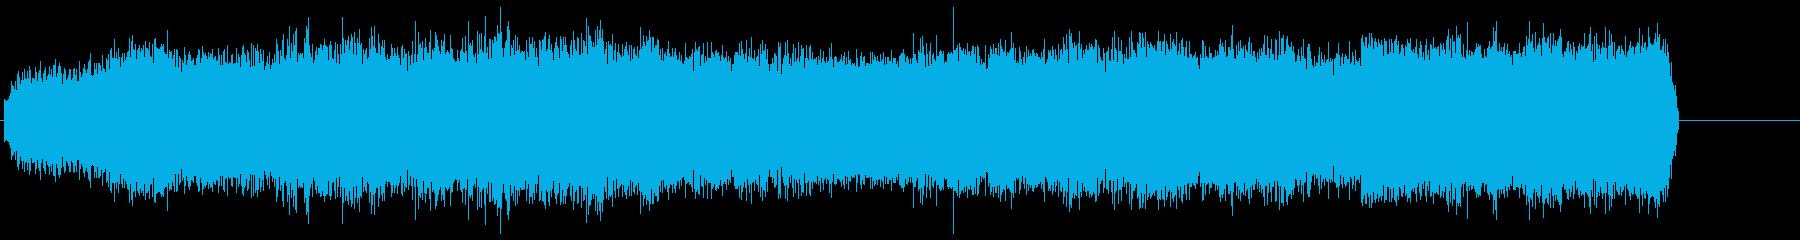 ドリルhammetaladro-電...の再生済みの波形